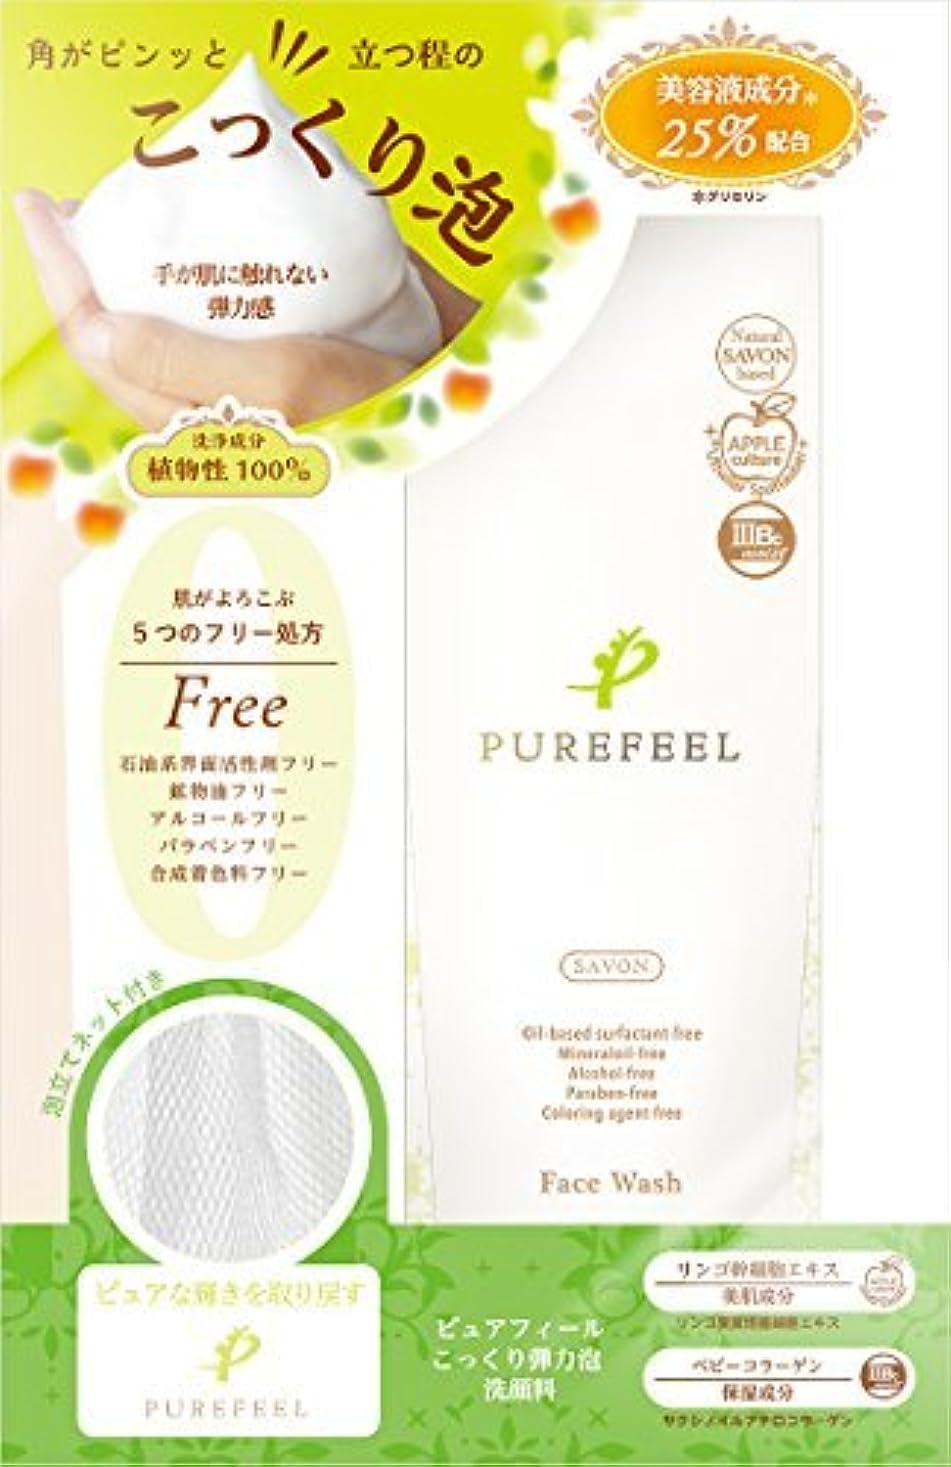 達成速い敵対的Purefeel こっくり泡洗顔料 100G 【まとめ買い240個セット】